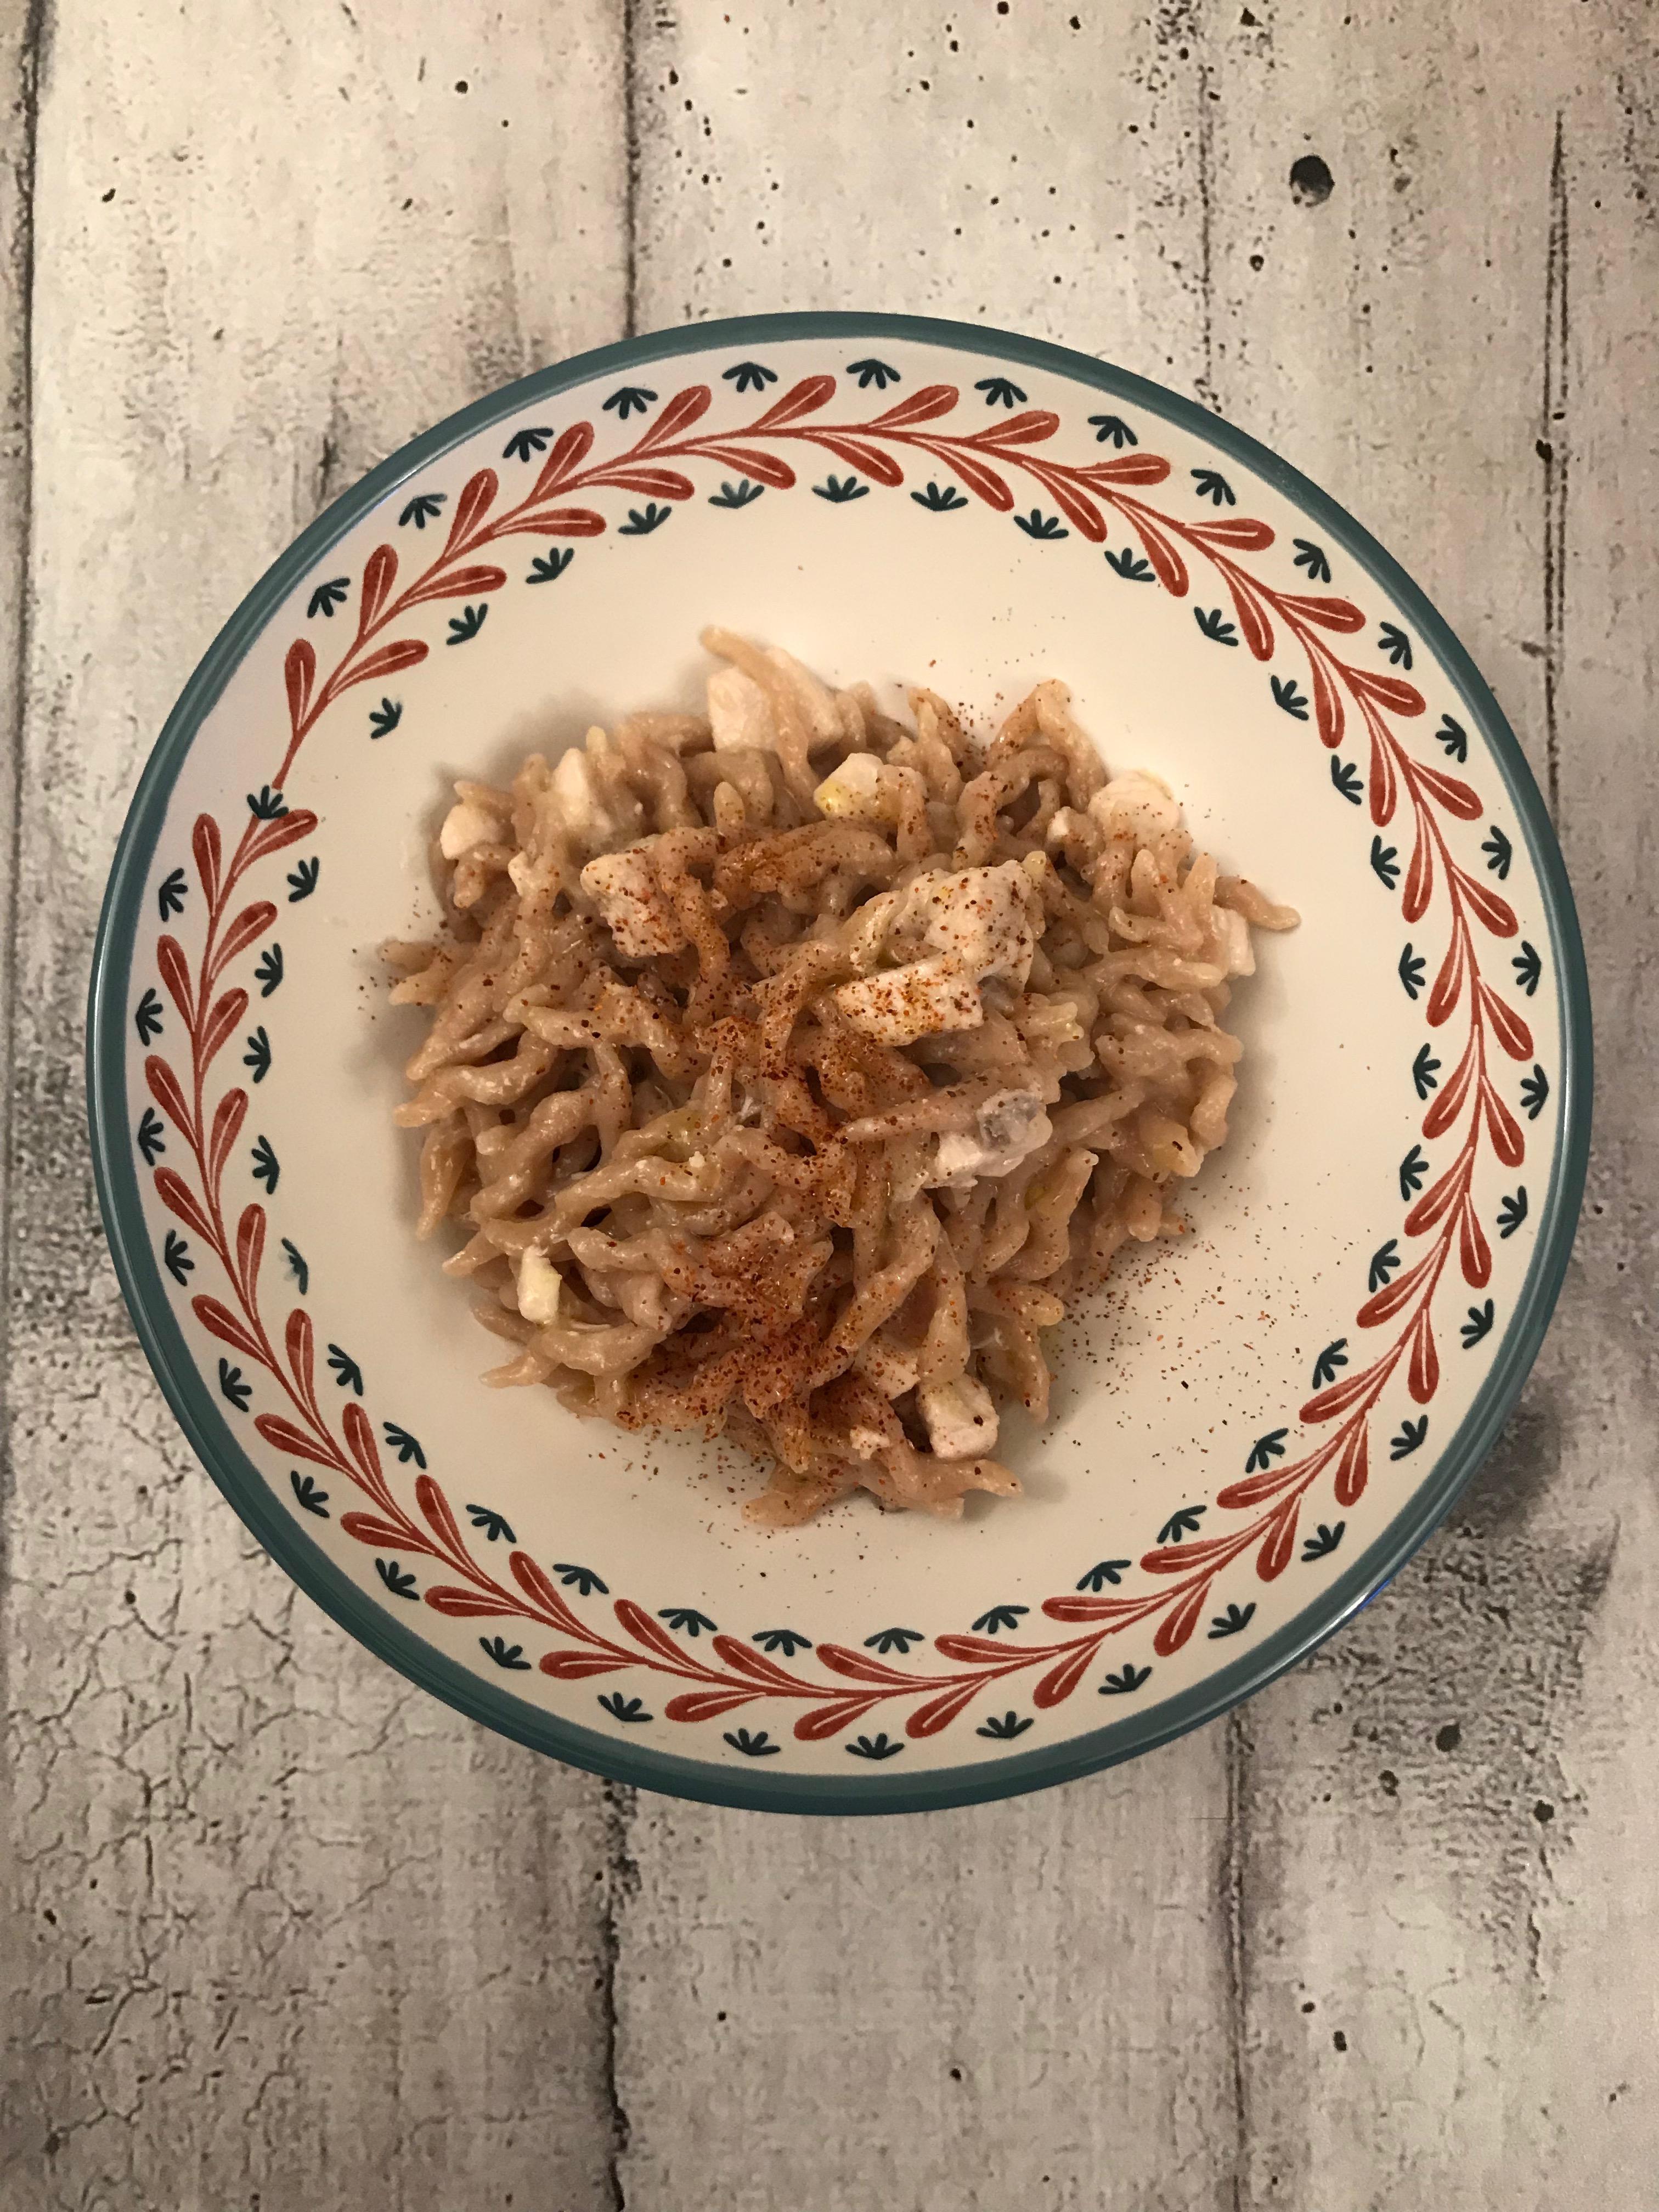 trofie castagne patate ostriche arancia pesce spada.JPG